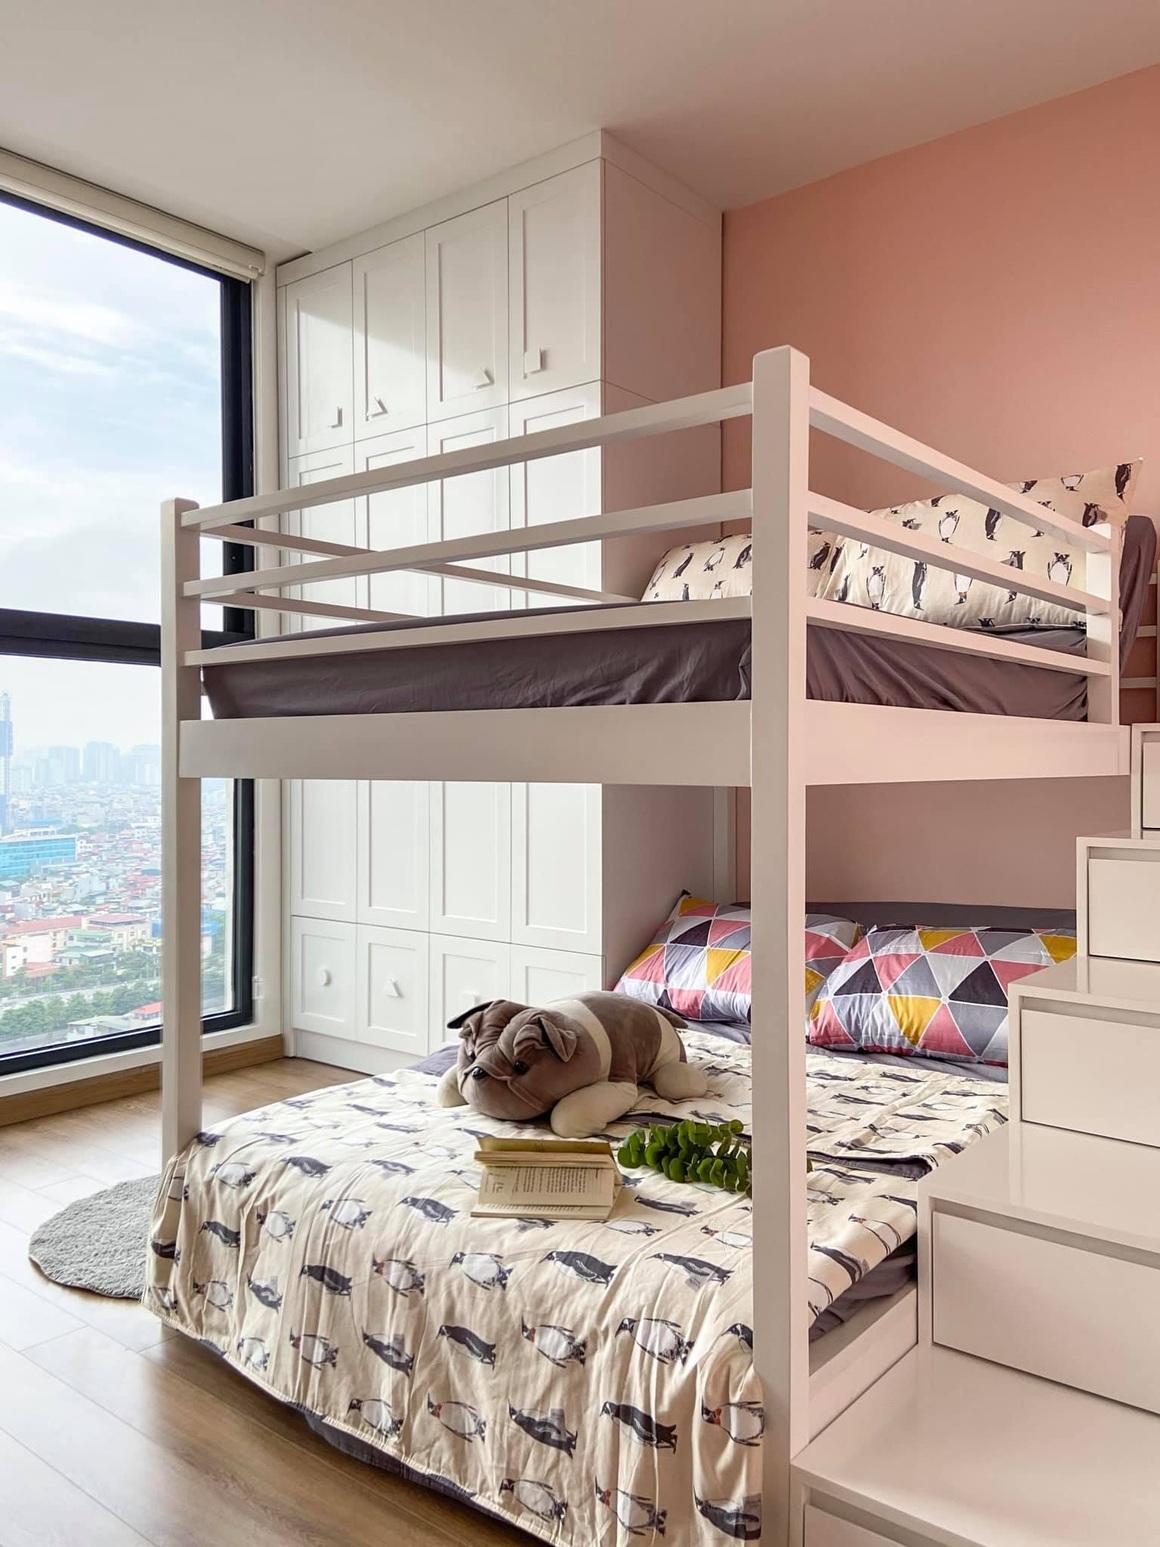 Ngắm căn hộ của gia chủ khó tính: Nội thất đẹp, lạ với tông màu xanh đậm - 14